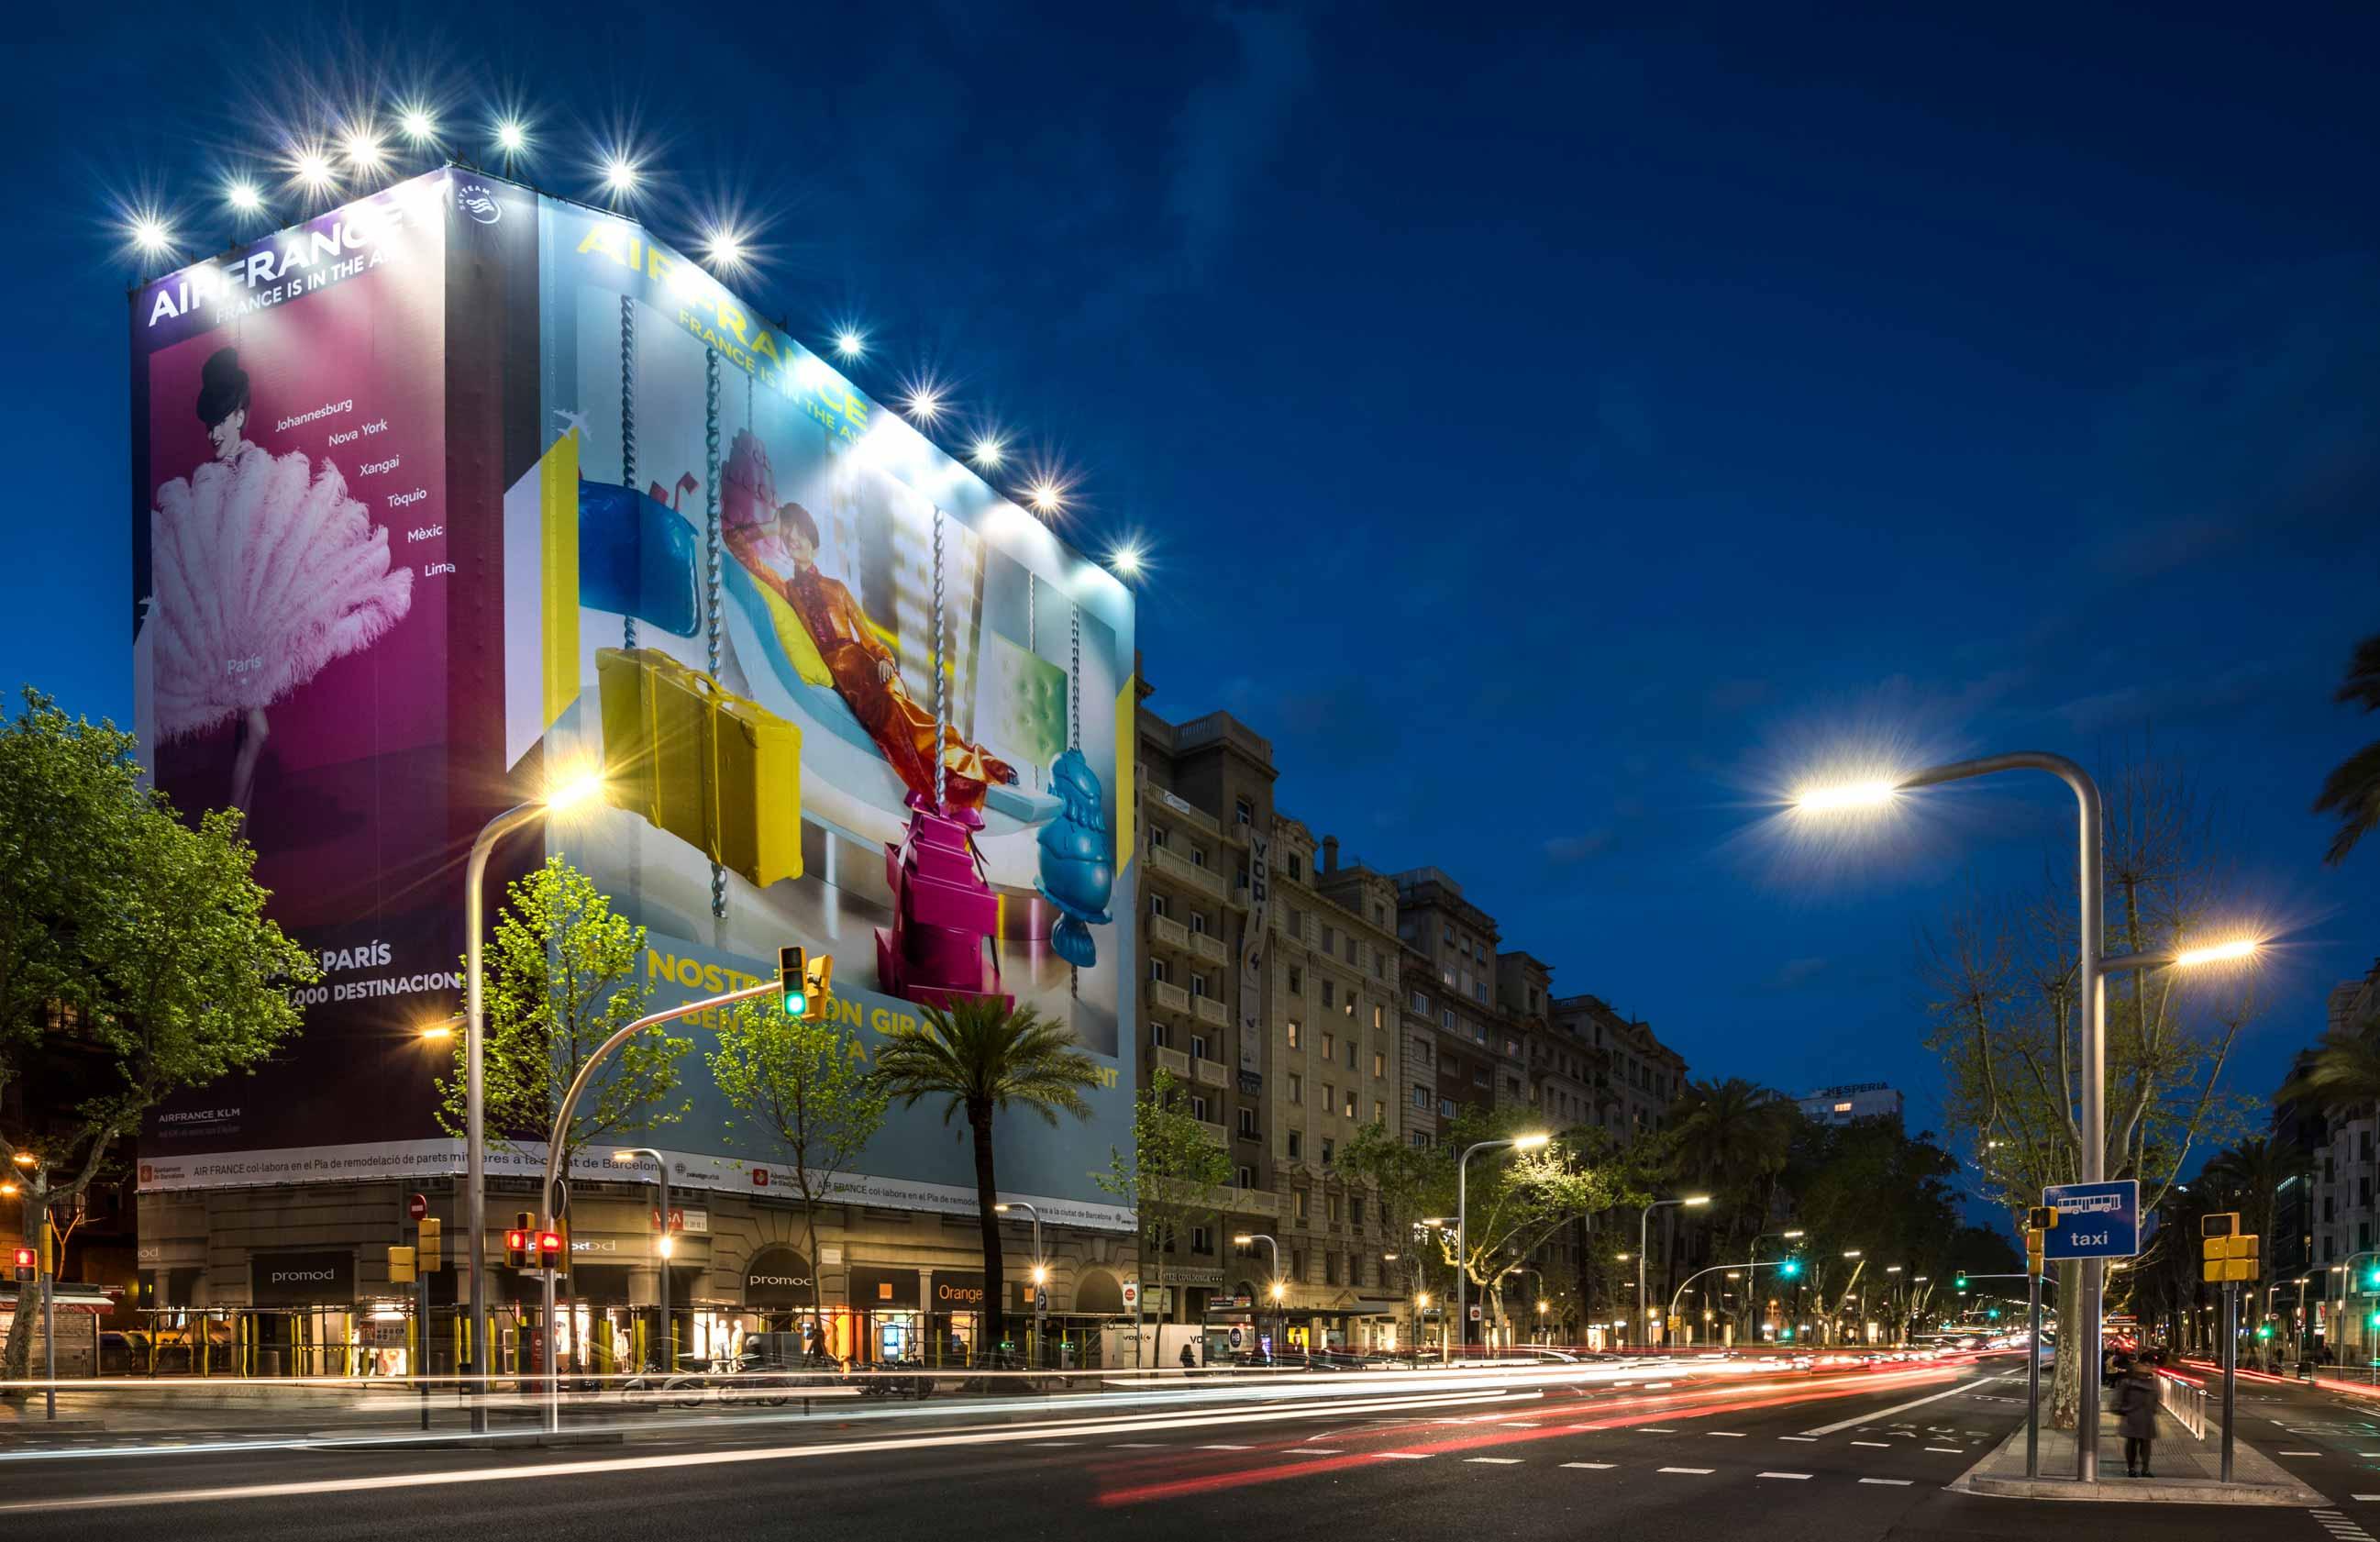 lona-publicitaria-barcelona-avenida-diagonal-598-air-france-vsa-comunicacion